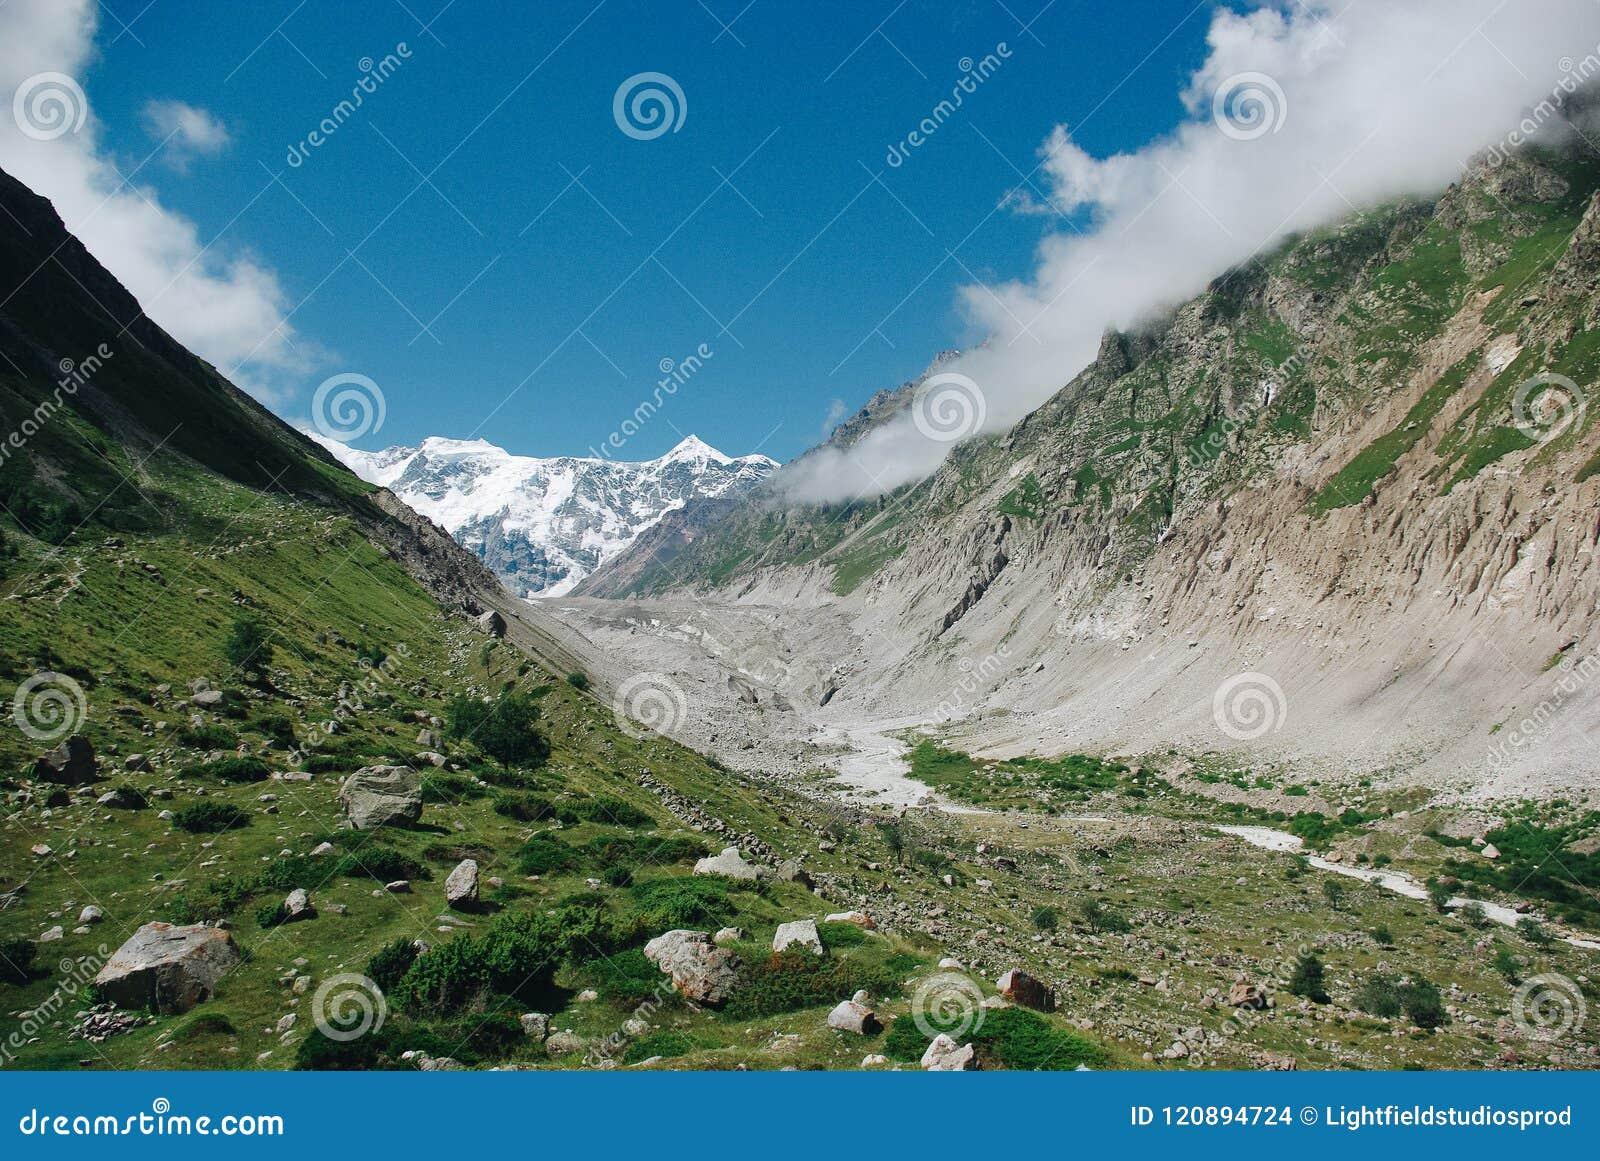 Bello burrone nella regione verde delle montagne, Federazione Russa, Caucaso,